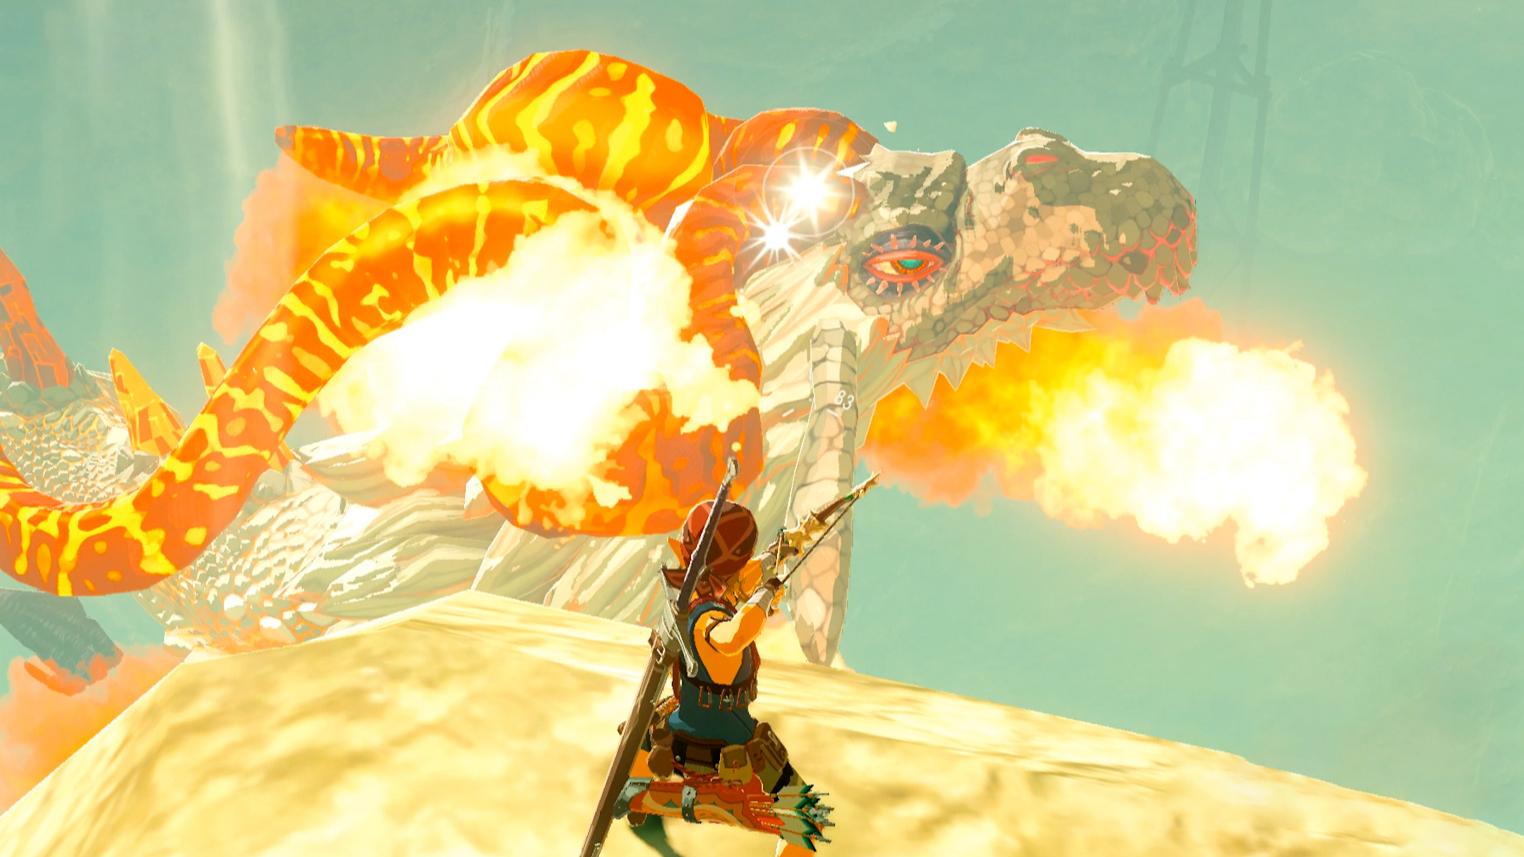 塞尔达传说:旷野之息:45-大峡谷巧遇威严巨大的火龙,弓箭射击获得龙鳞解密隐藏神庙